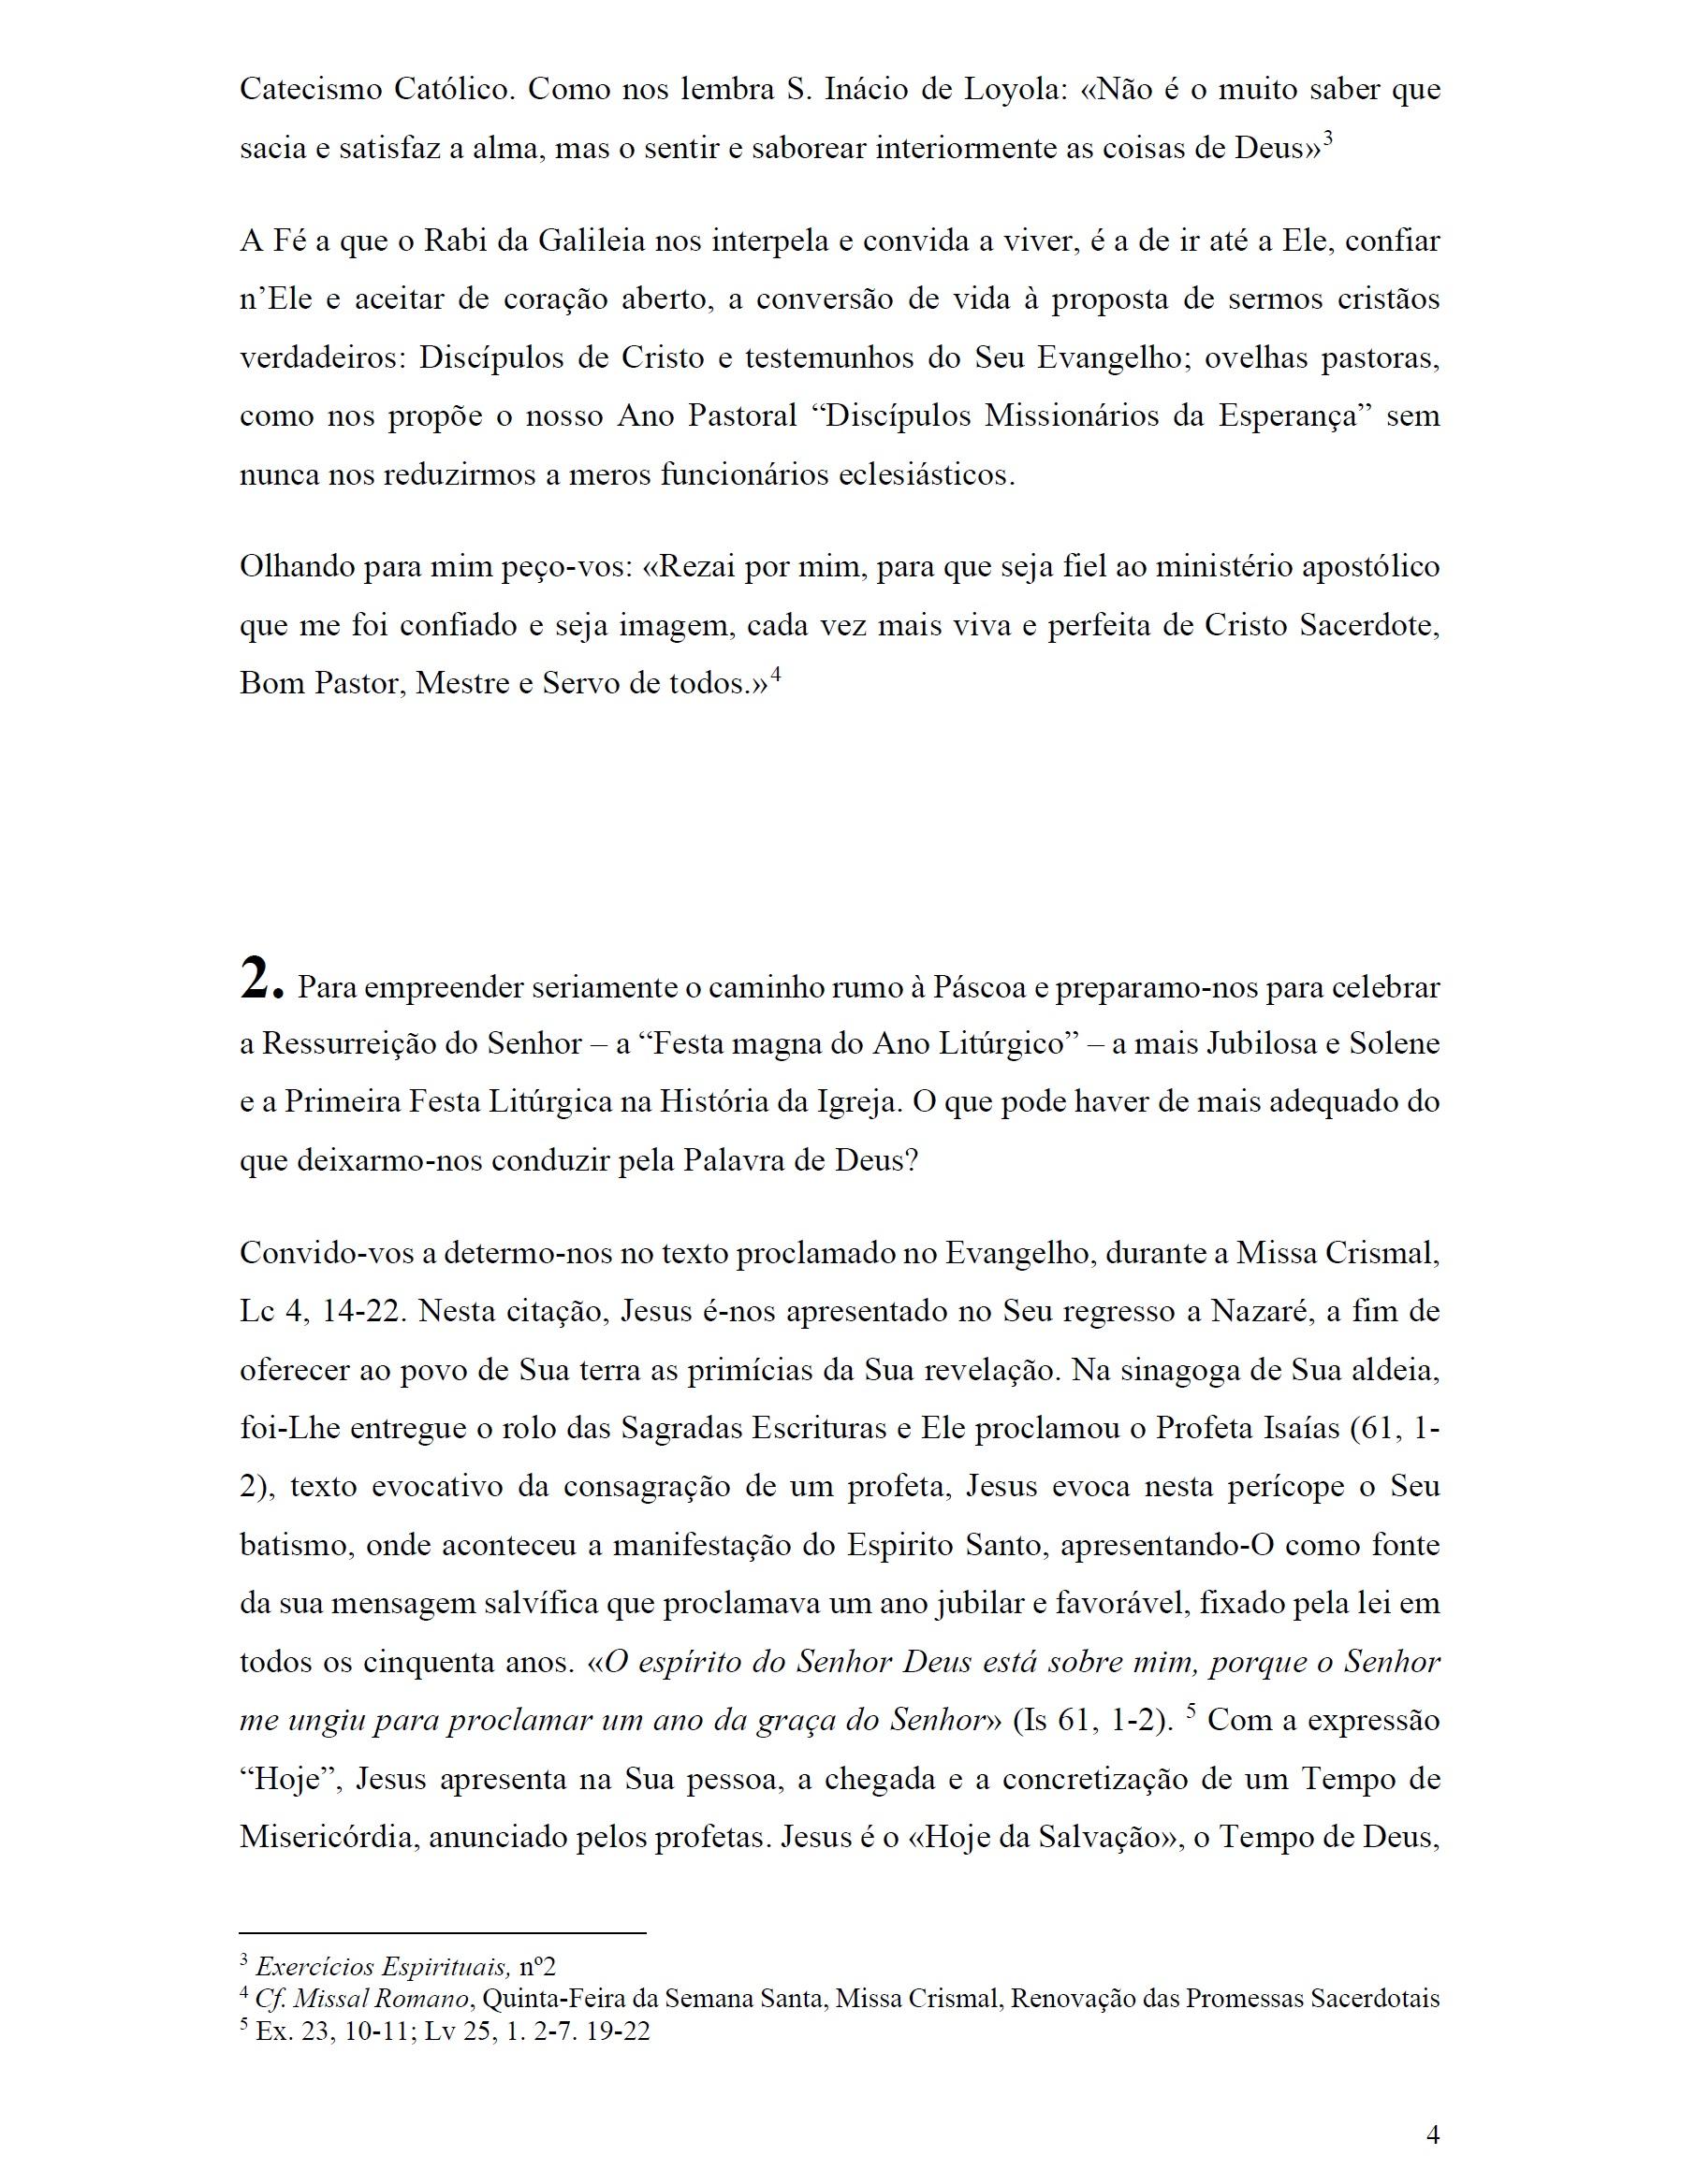 2 - Carta ao Presbitério de Évora 03_04_2020_4